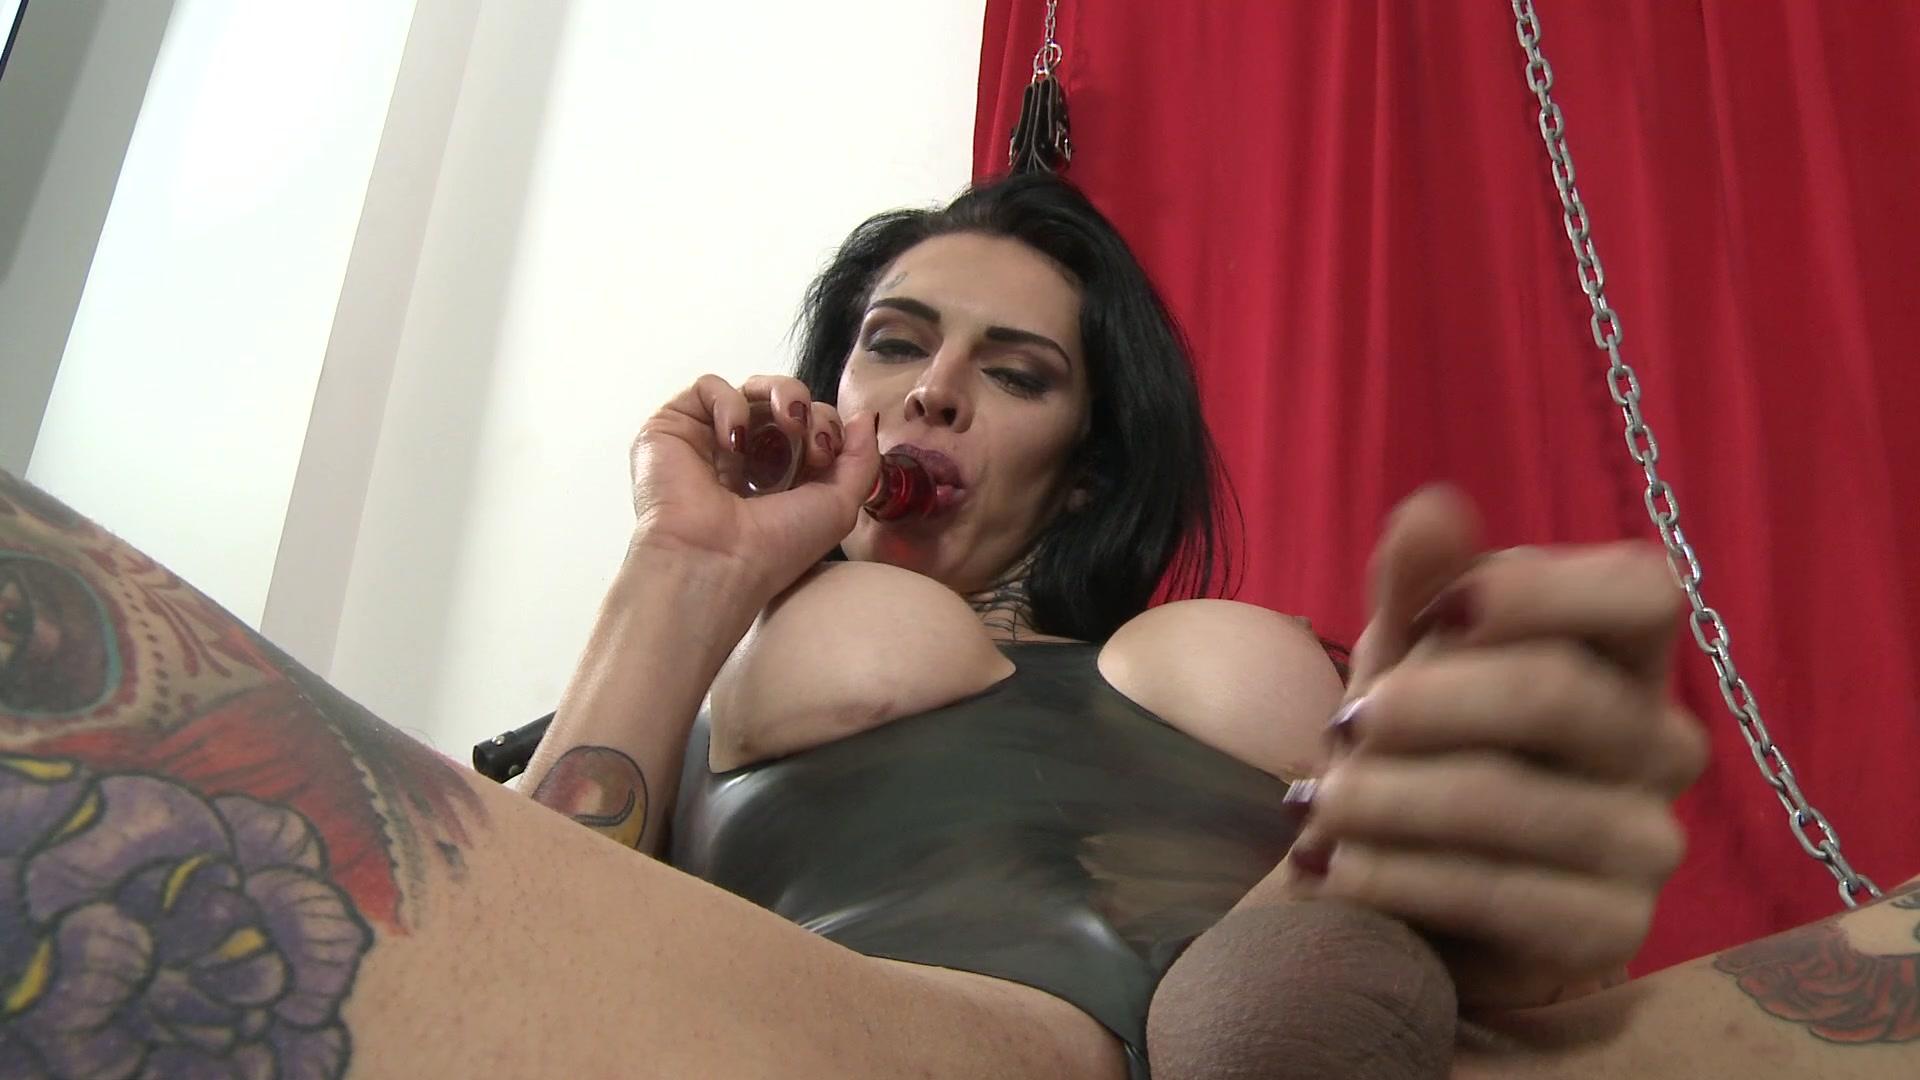 Gabi latina porn have hit